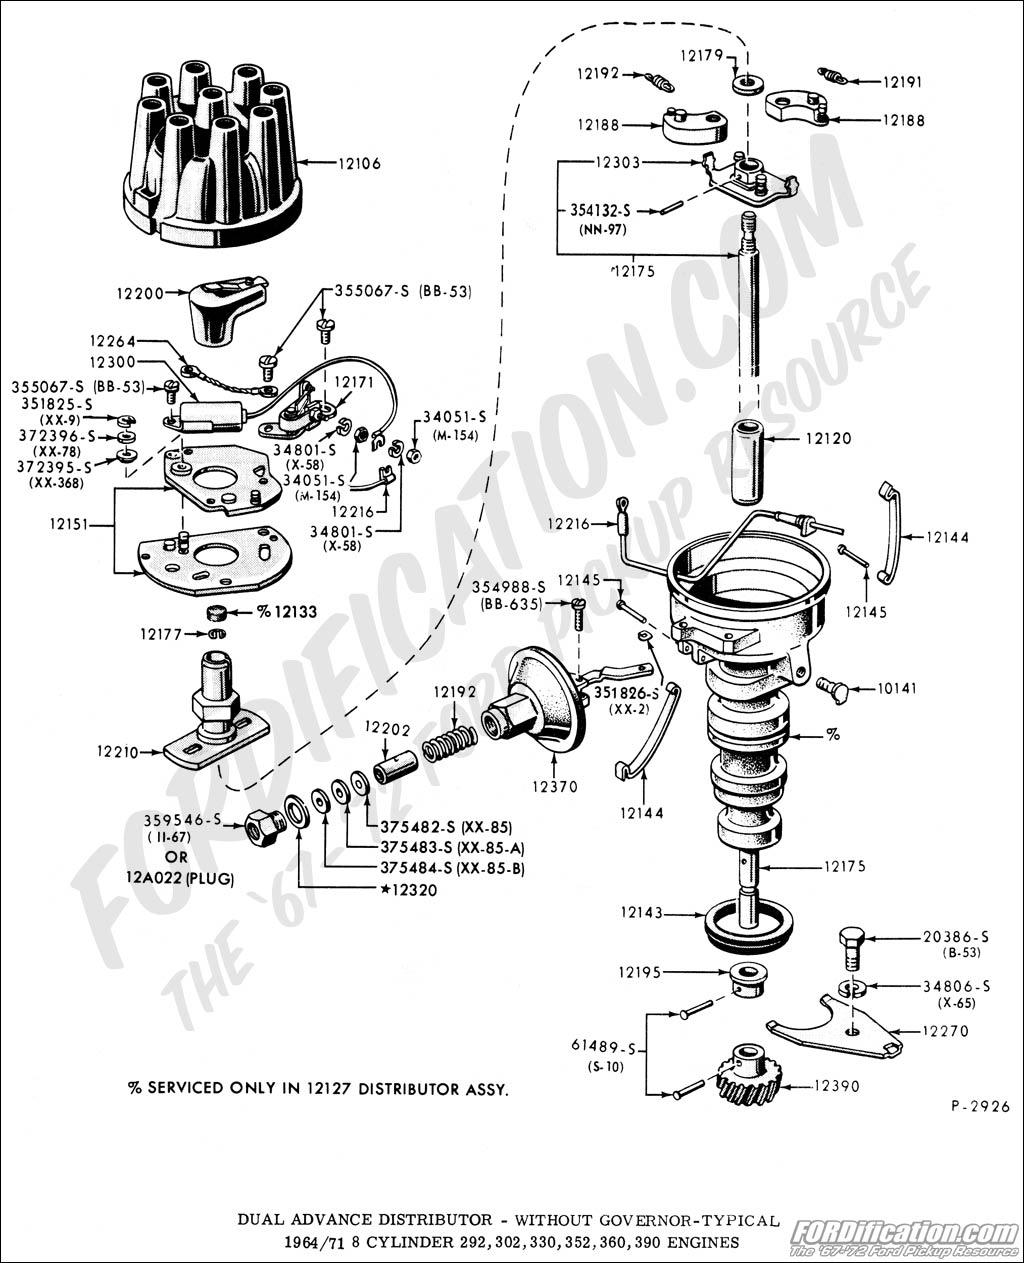 Ford 302 Spark Plug Wiring Diagram | Wiring Diagram - 1997 Ford F150 Spark Plug Wiring Diagram